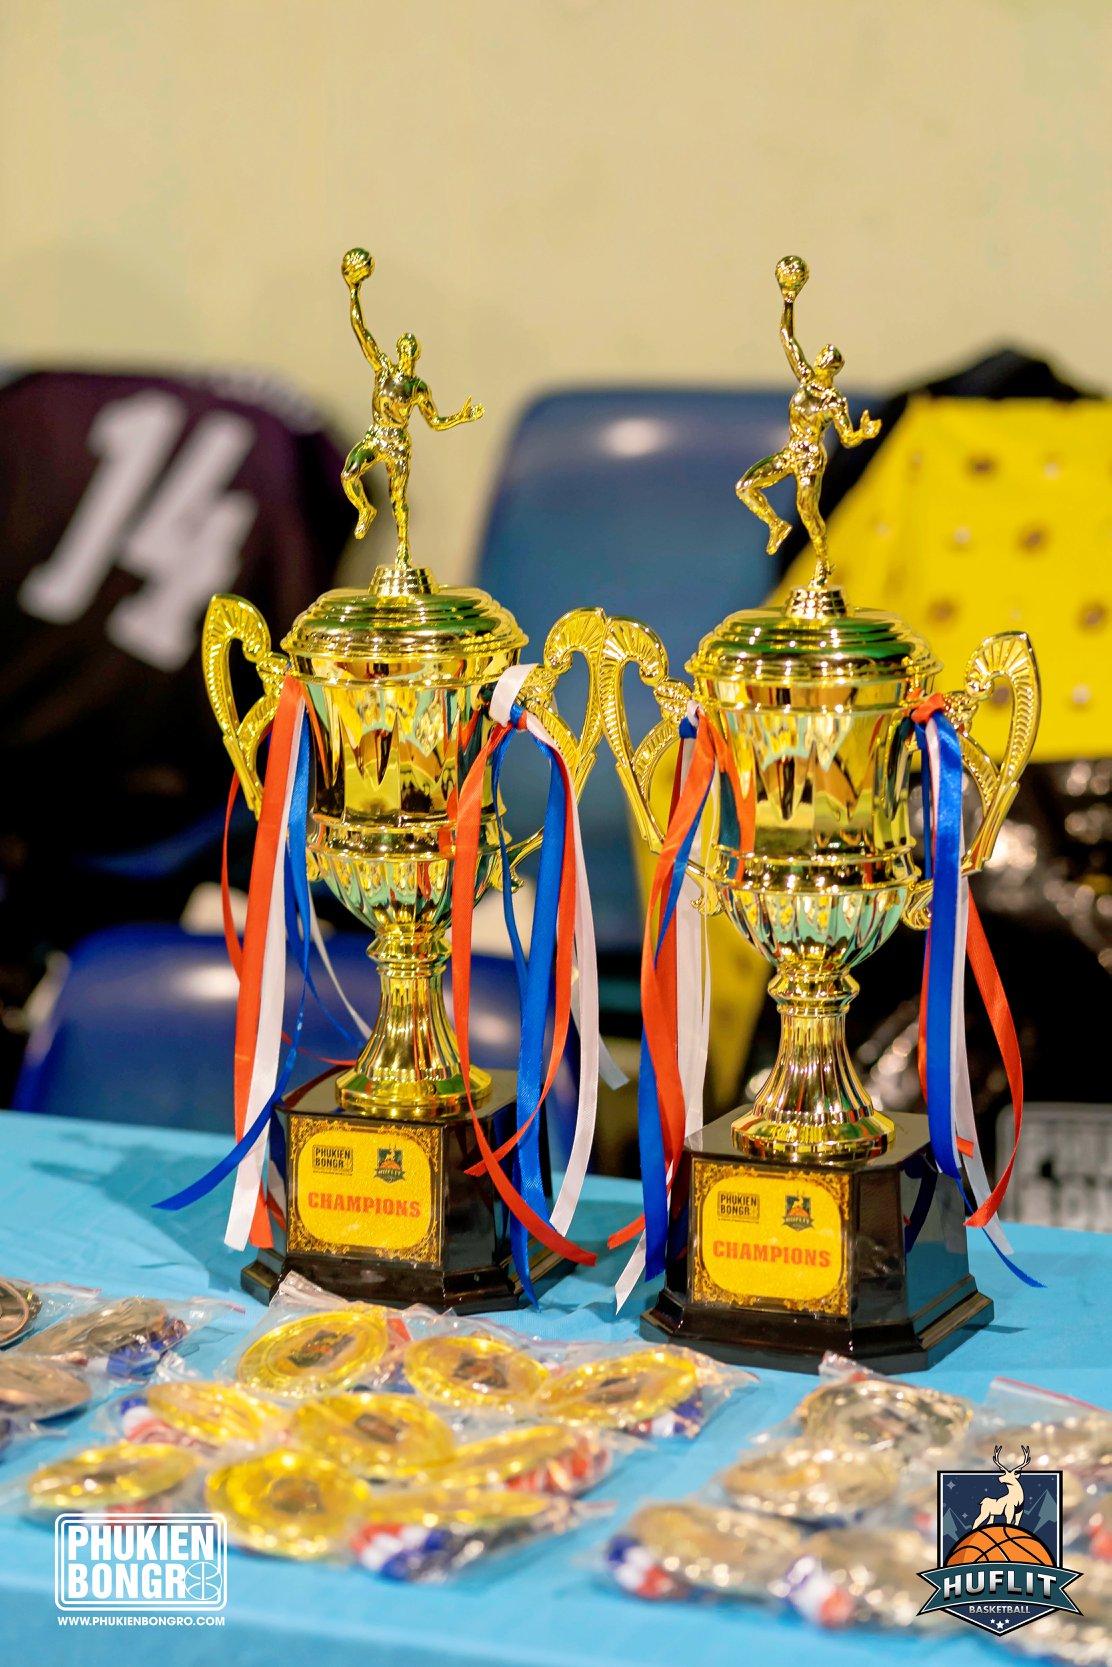 PHUKIENBONGRO.COM tài trợ Giải bóng rổ HUFLIT OPEN MASTER CUP 2019